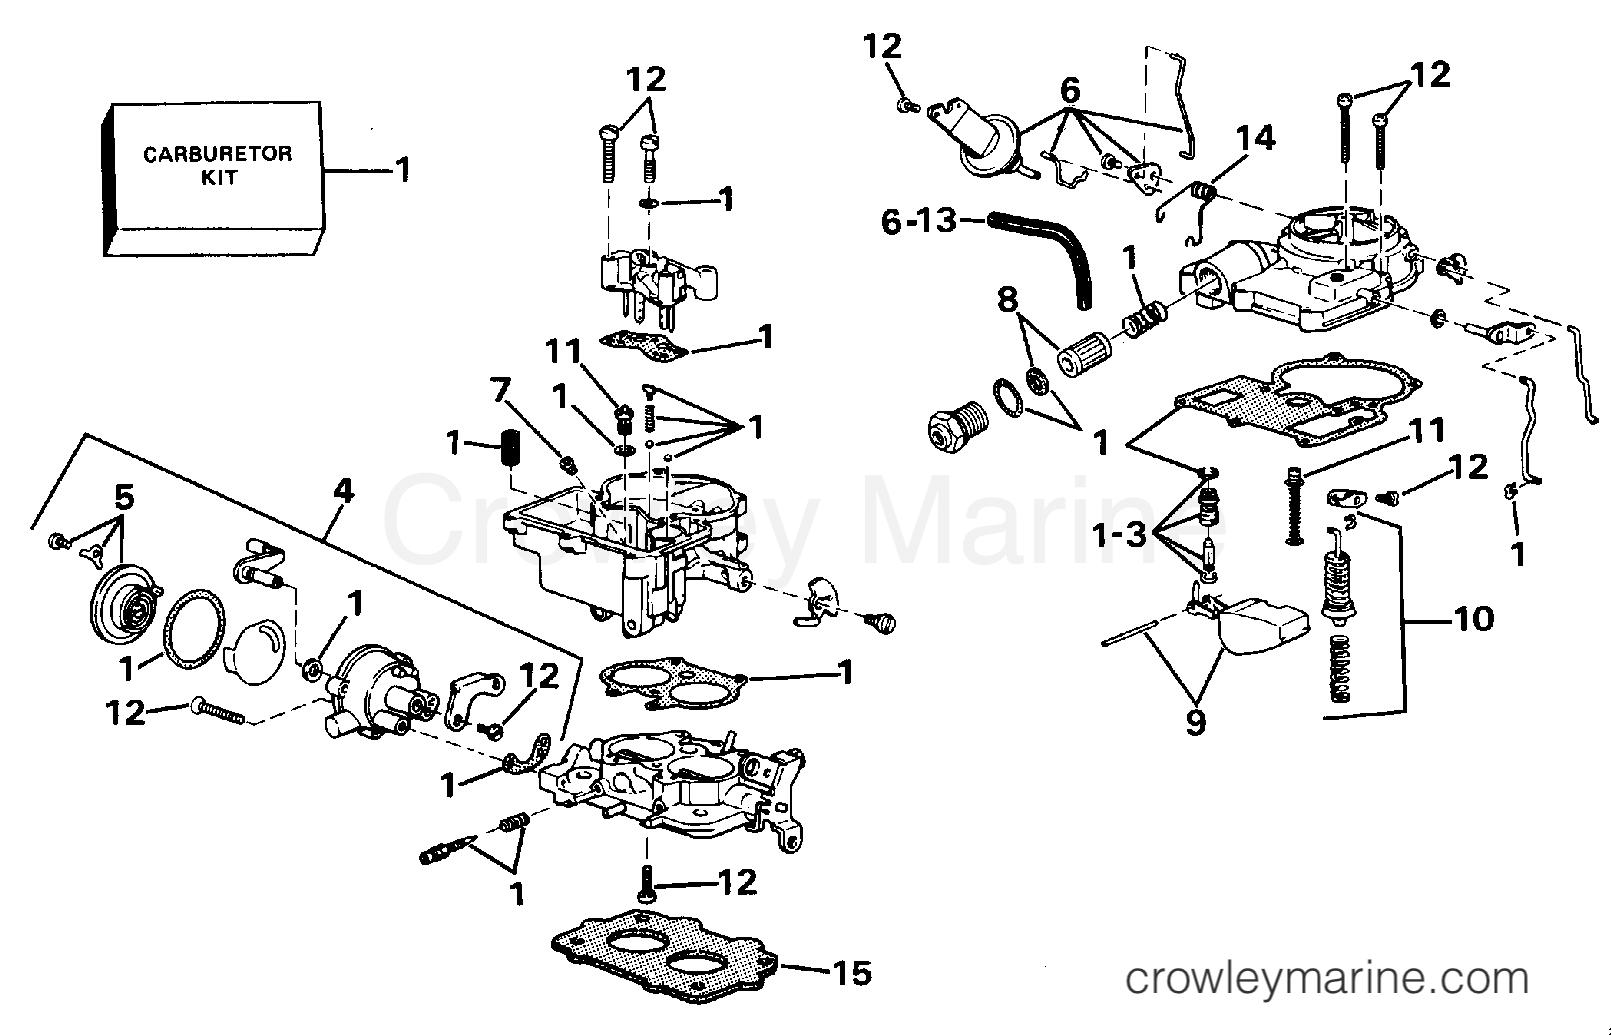 1988 OMC Stern Drive 2.3 - 232AMRGDE CARBURETOR section